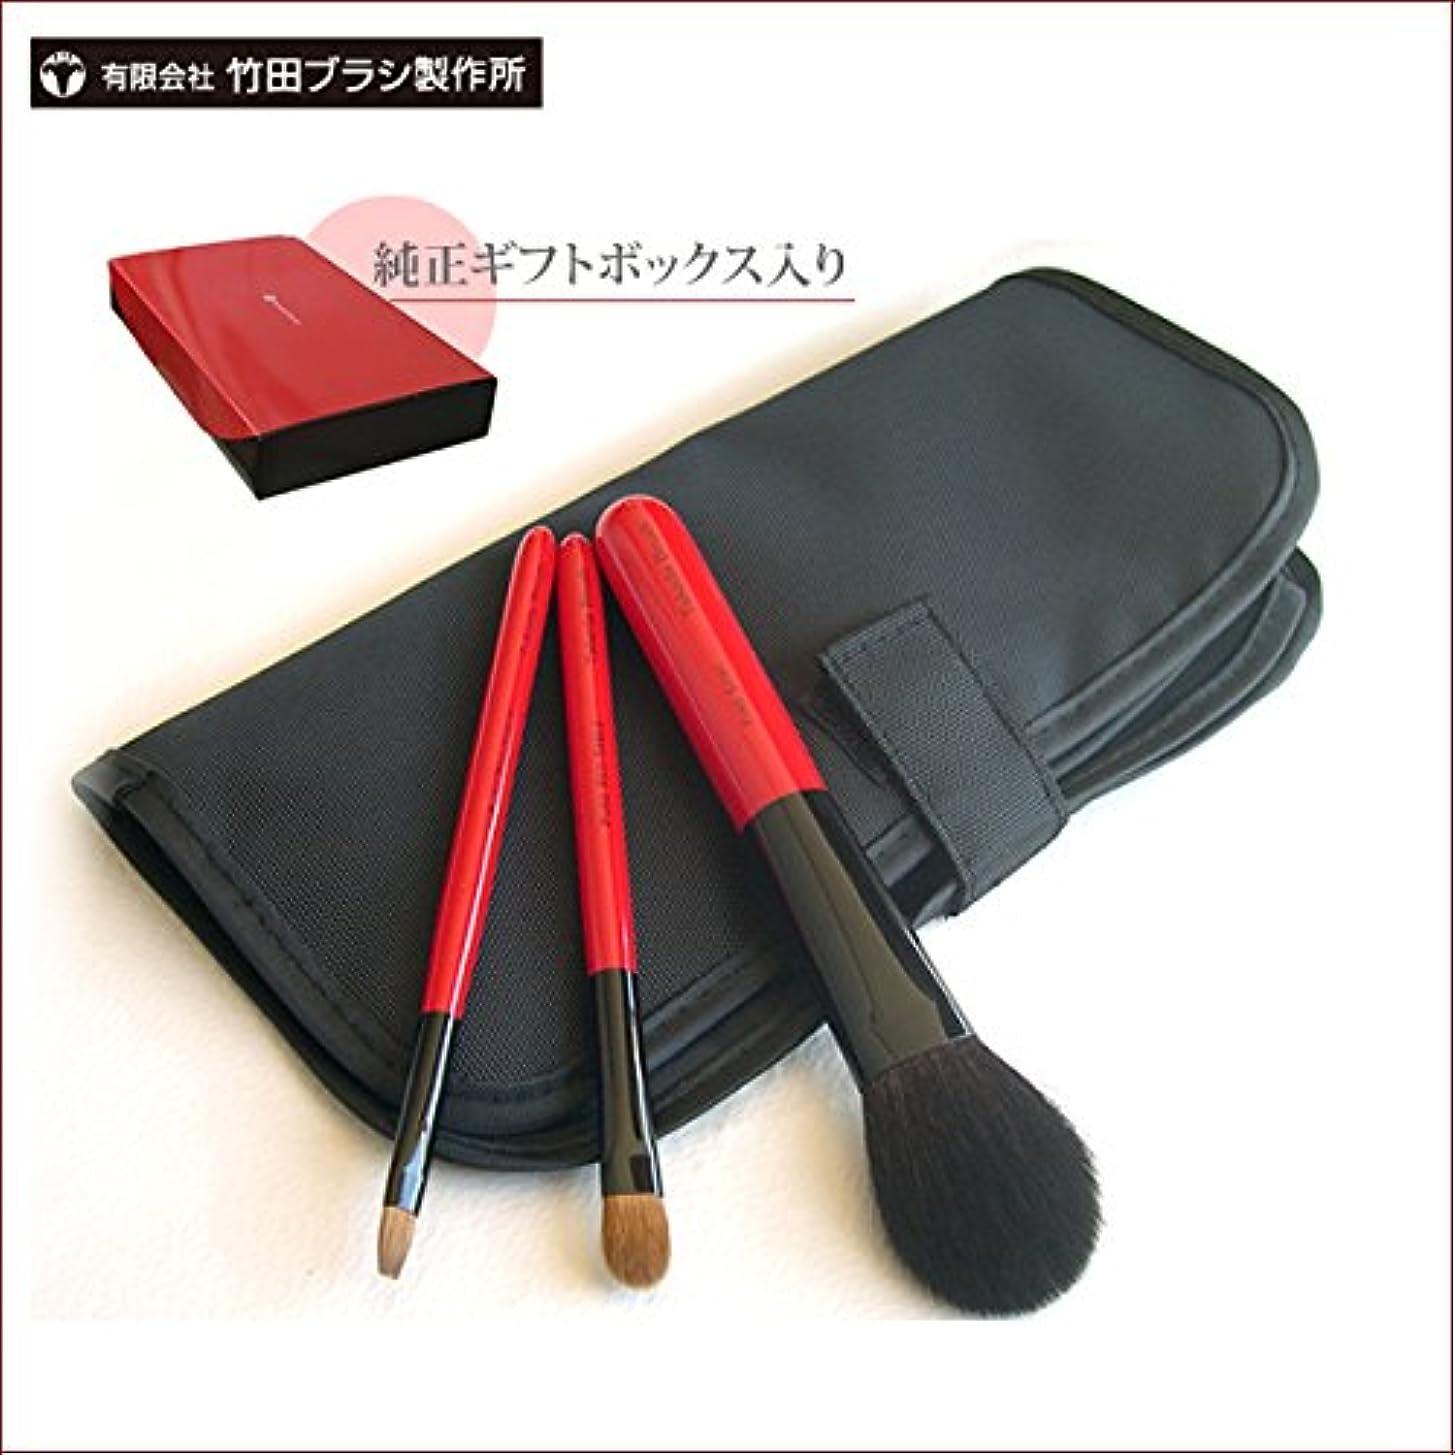 貧困掃く平行有限会社竹田ブラシ製作所の熊野化粧筆 特別3本セット (純正ギフトボックス入り)